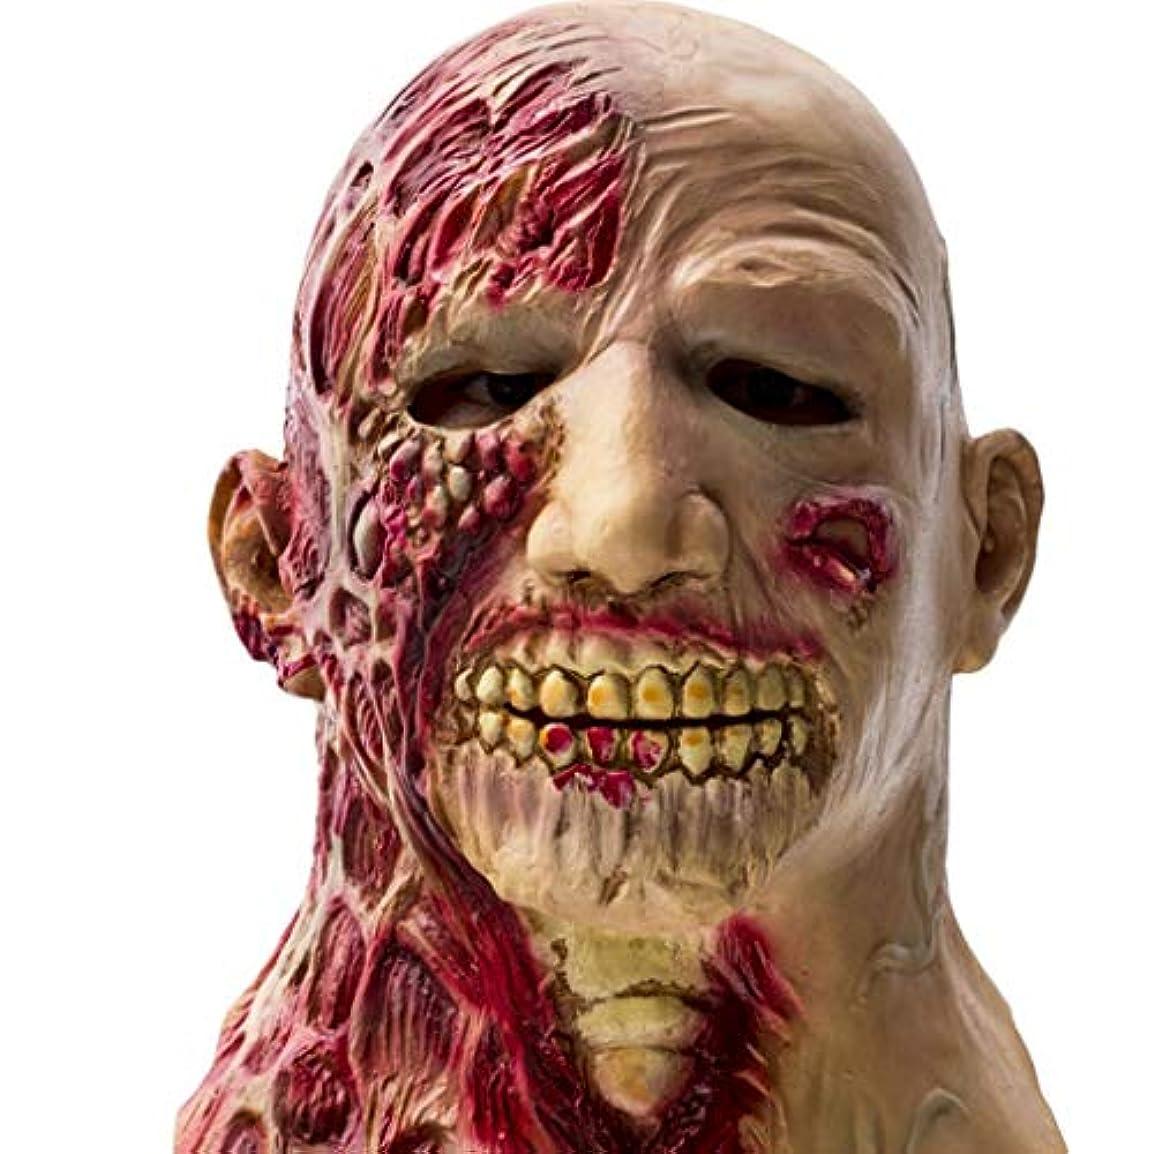 便利さゴールド他にハロウィン大人のラテックスホラーマスクしかめっ面マスクパーティーマスク怖い悪魔マスク映画小道具仮面舞踏会マスク